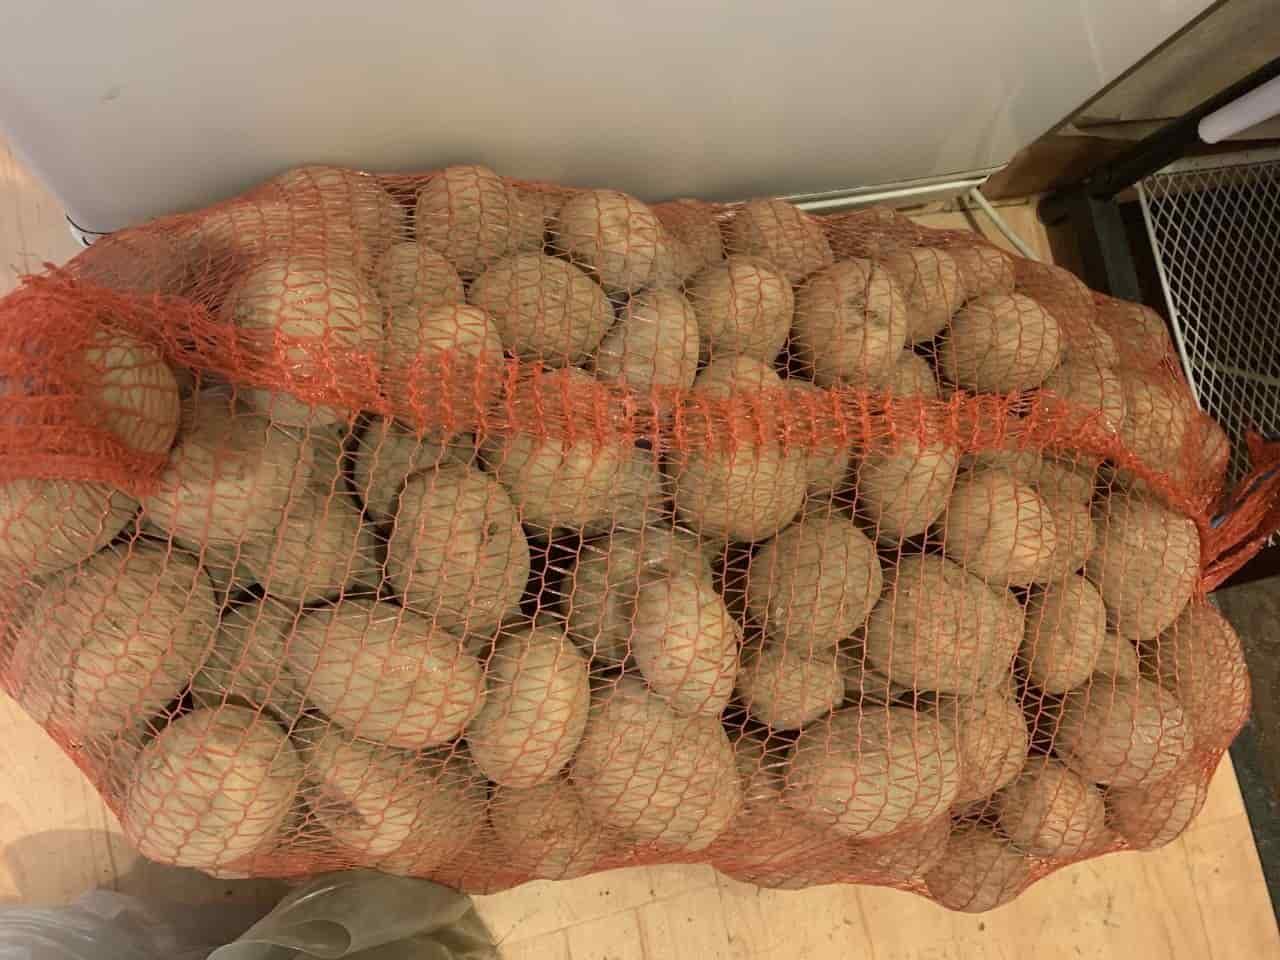 Сколько в мешке кг картошки